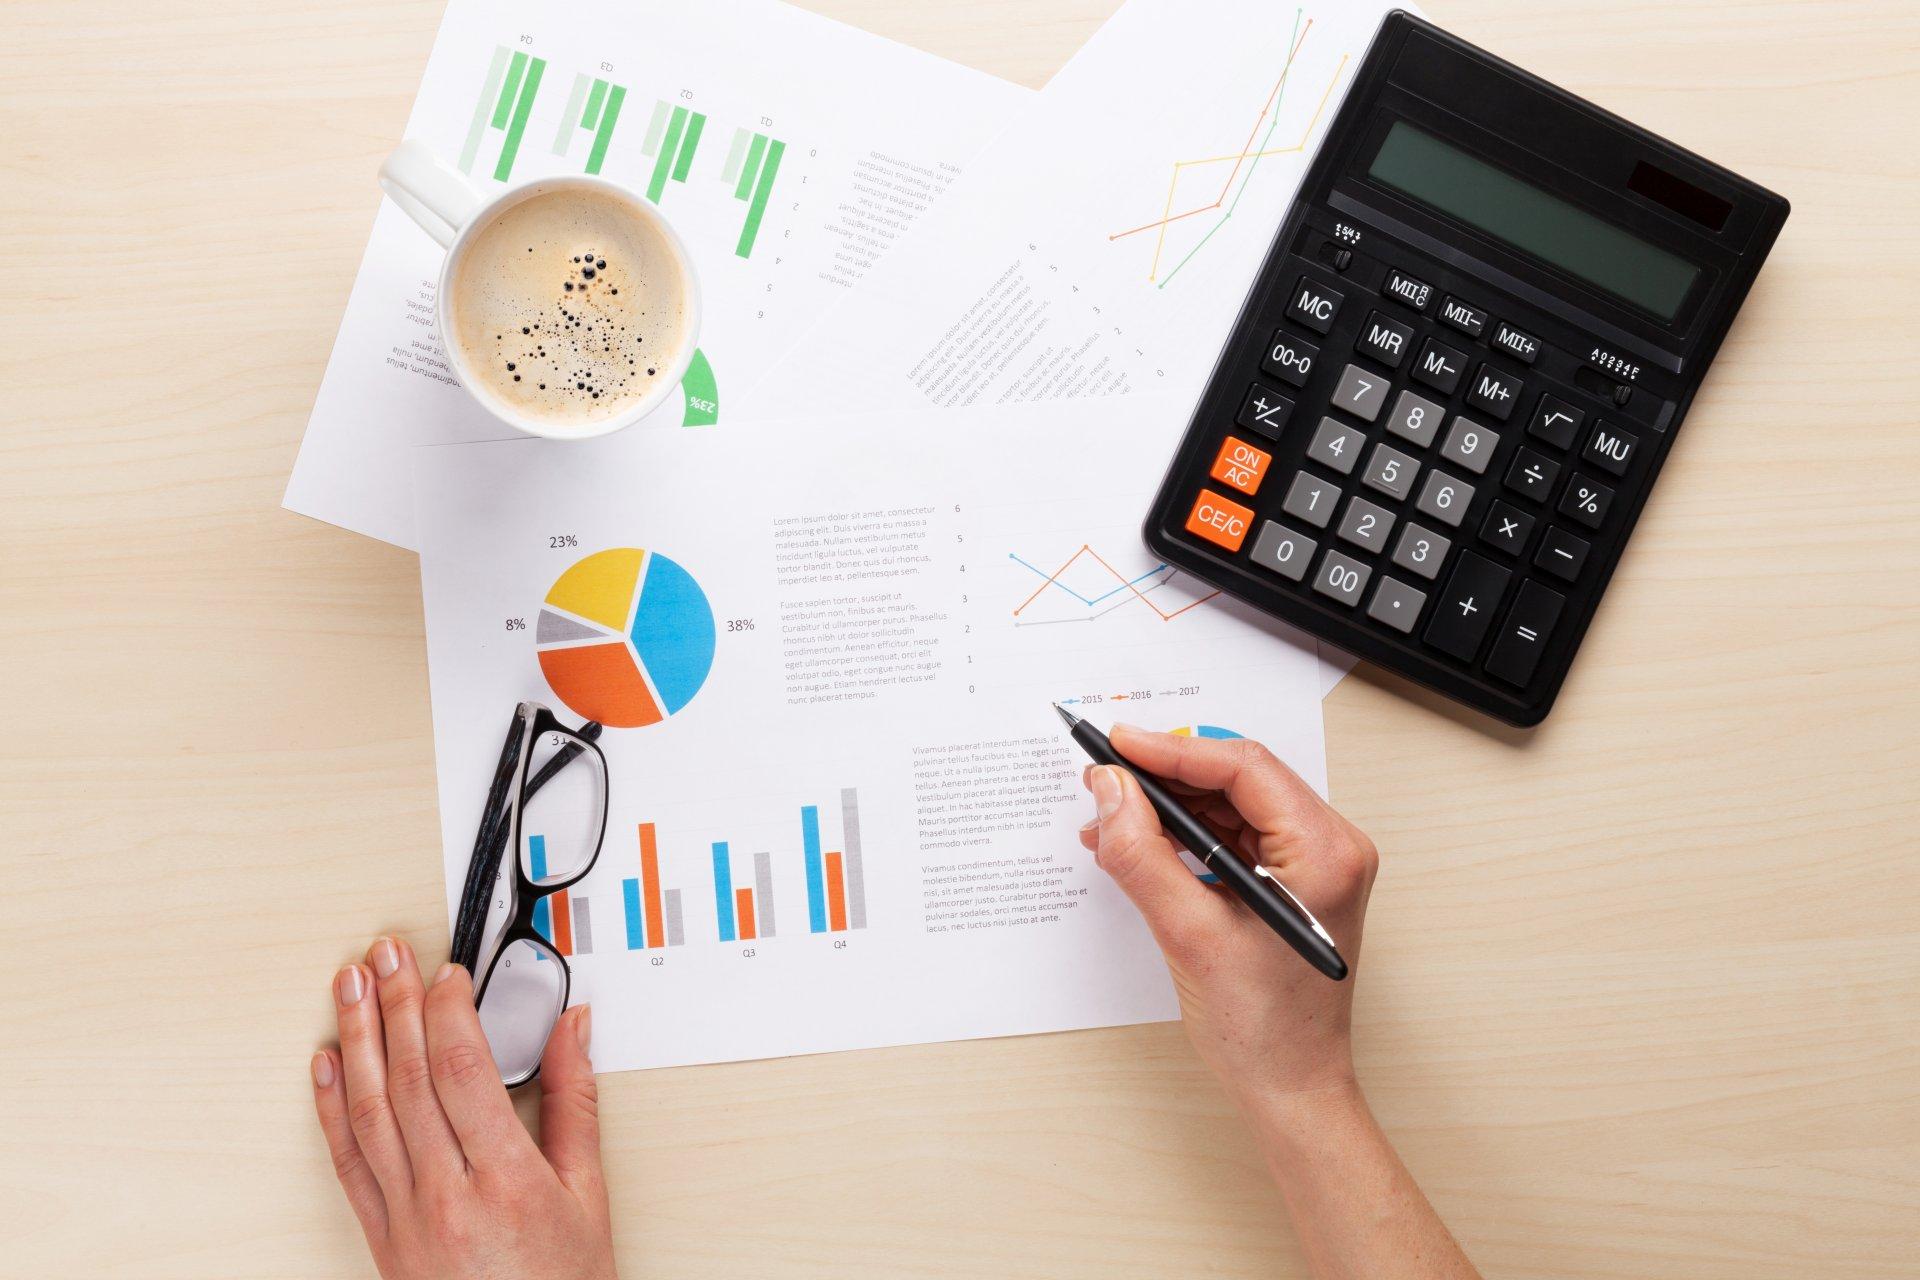 KPI сонгоход туслах 15 зөвлөгөө